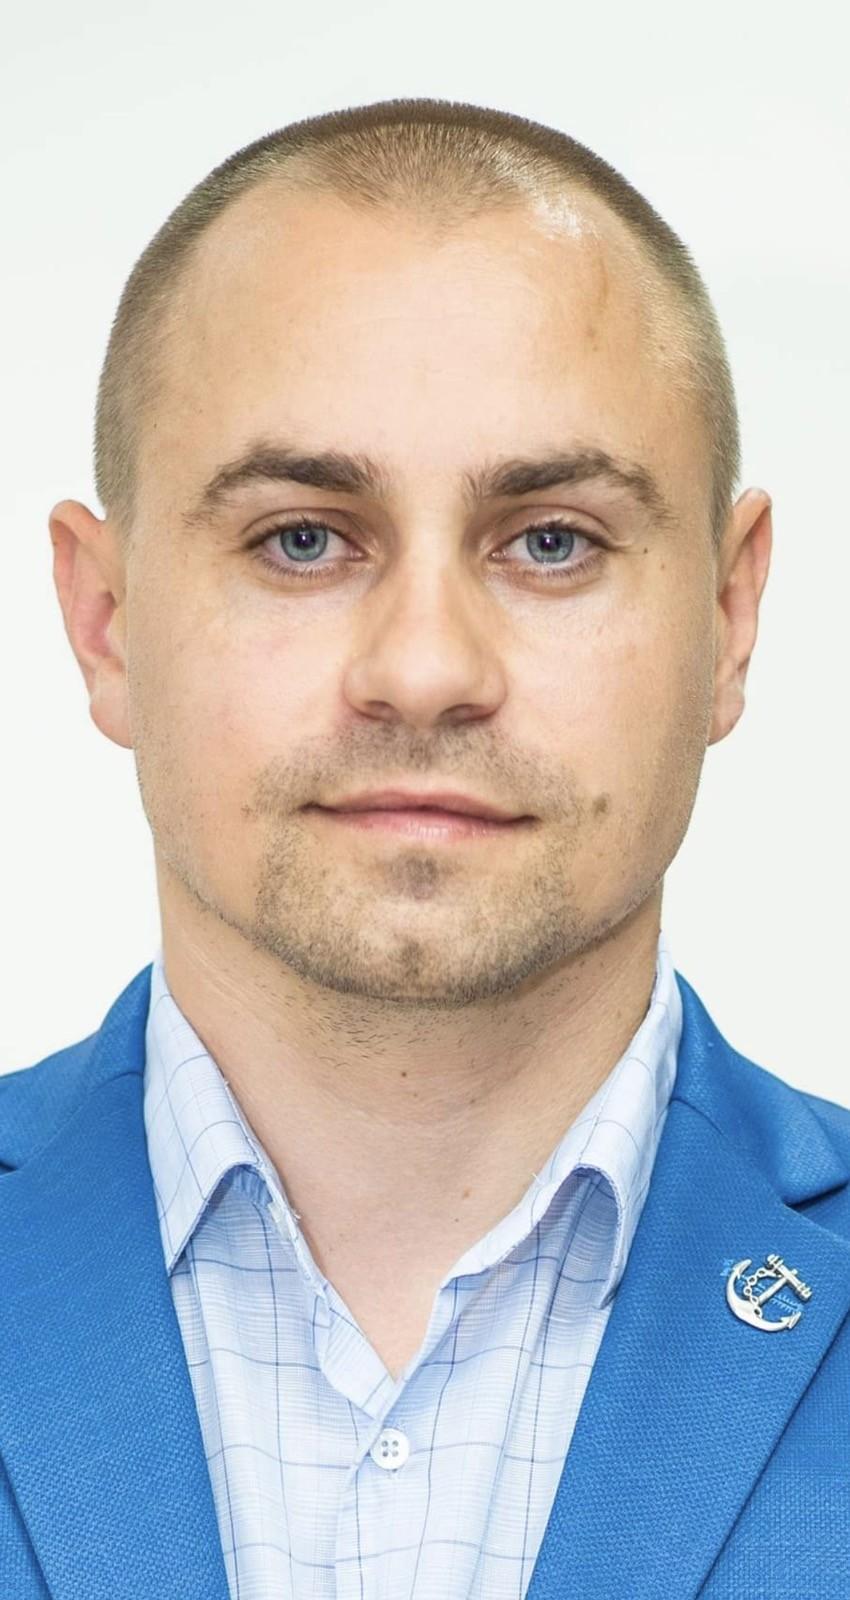 Димитър Илиев, партия МИР: Залагаме на морала, инициативността и родолюбието